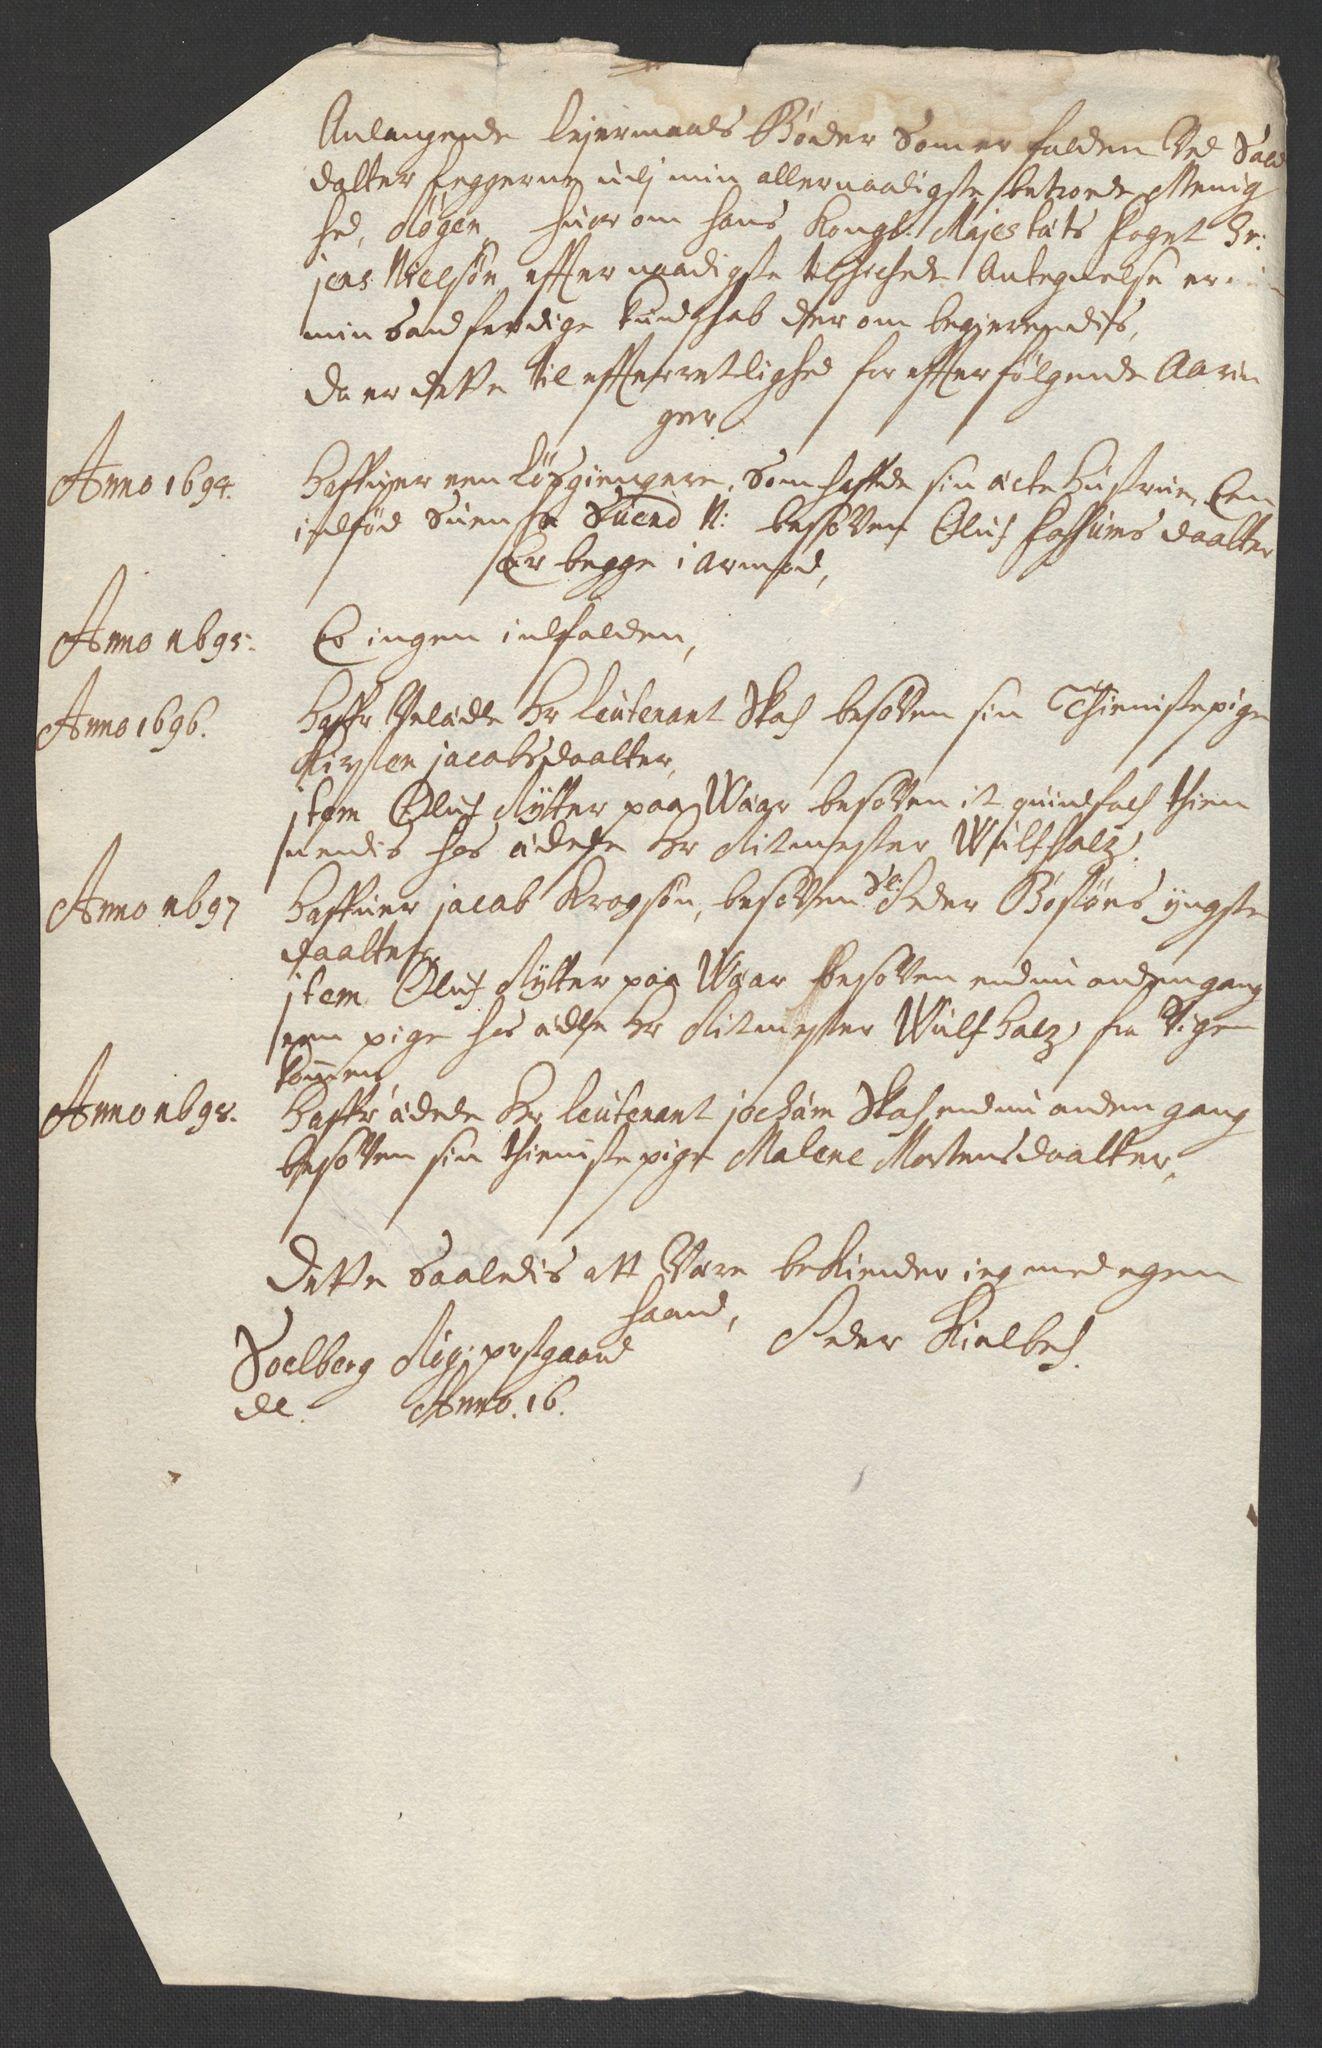 RA, Rentekammeret inntil 1814, Reviderte regnskaper, Fogderegnskap, R30/L1695: Fogderegnskap Hurum, Røyken, Eiker og Lier, 1697, s. 203